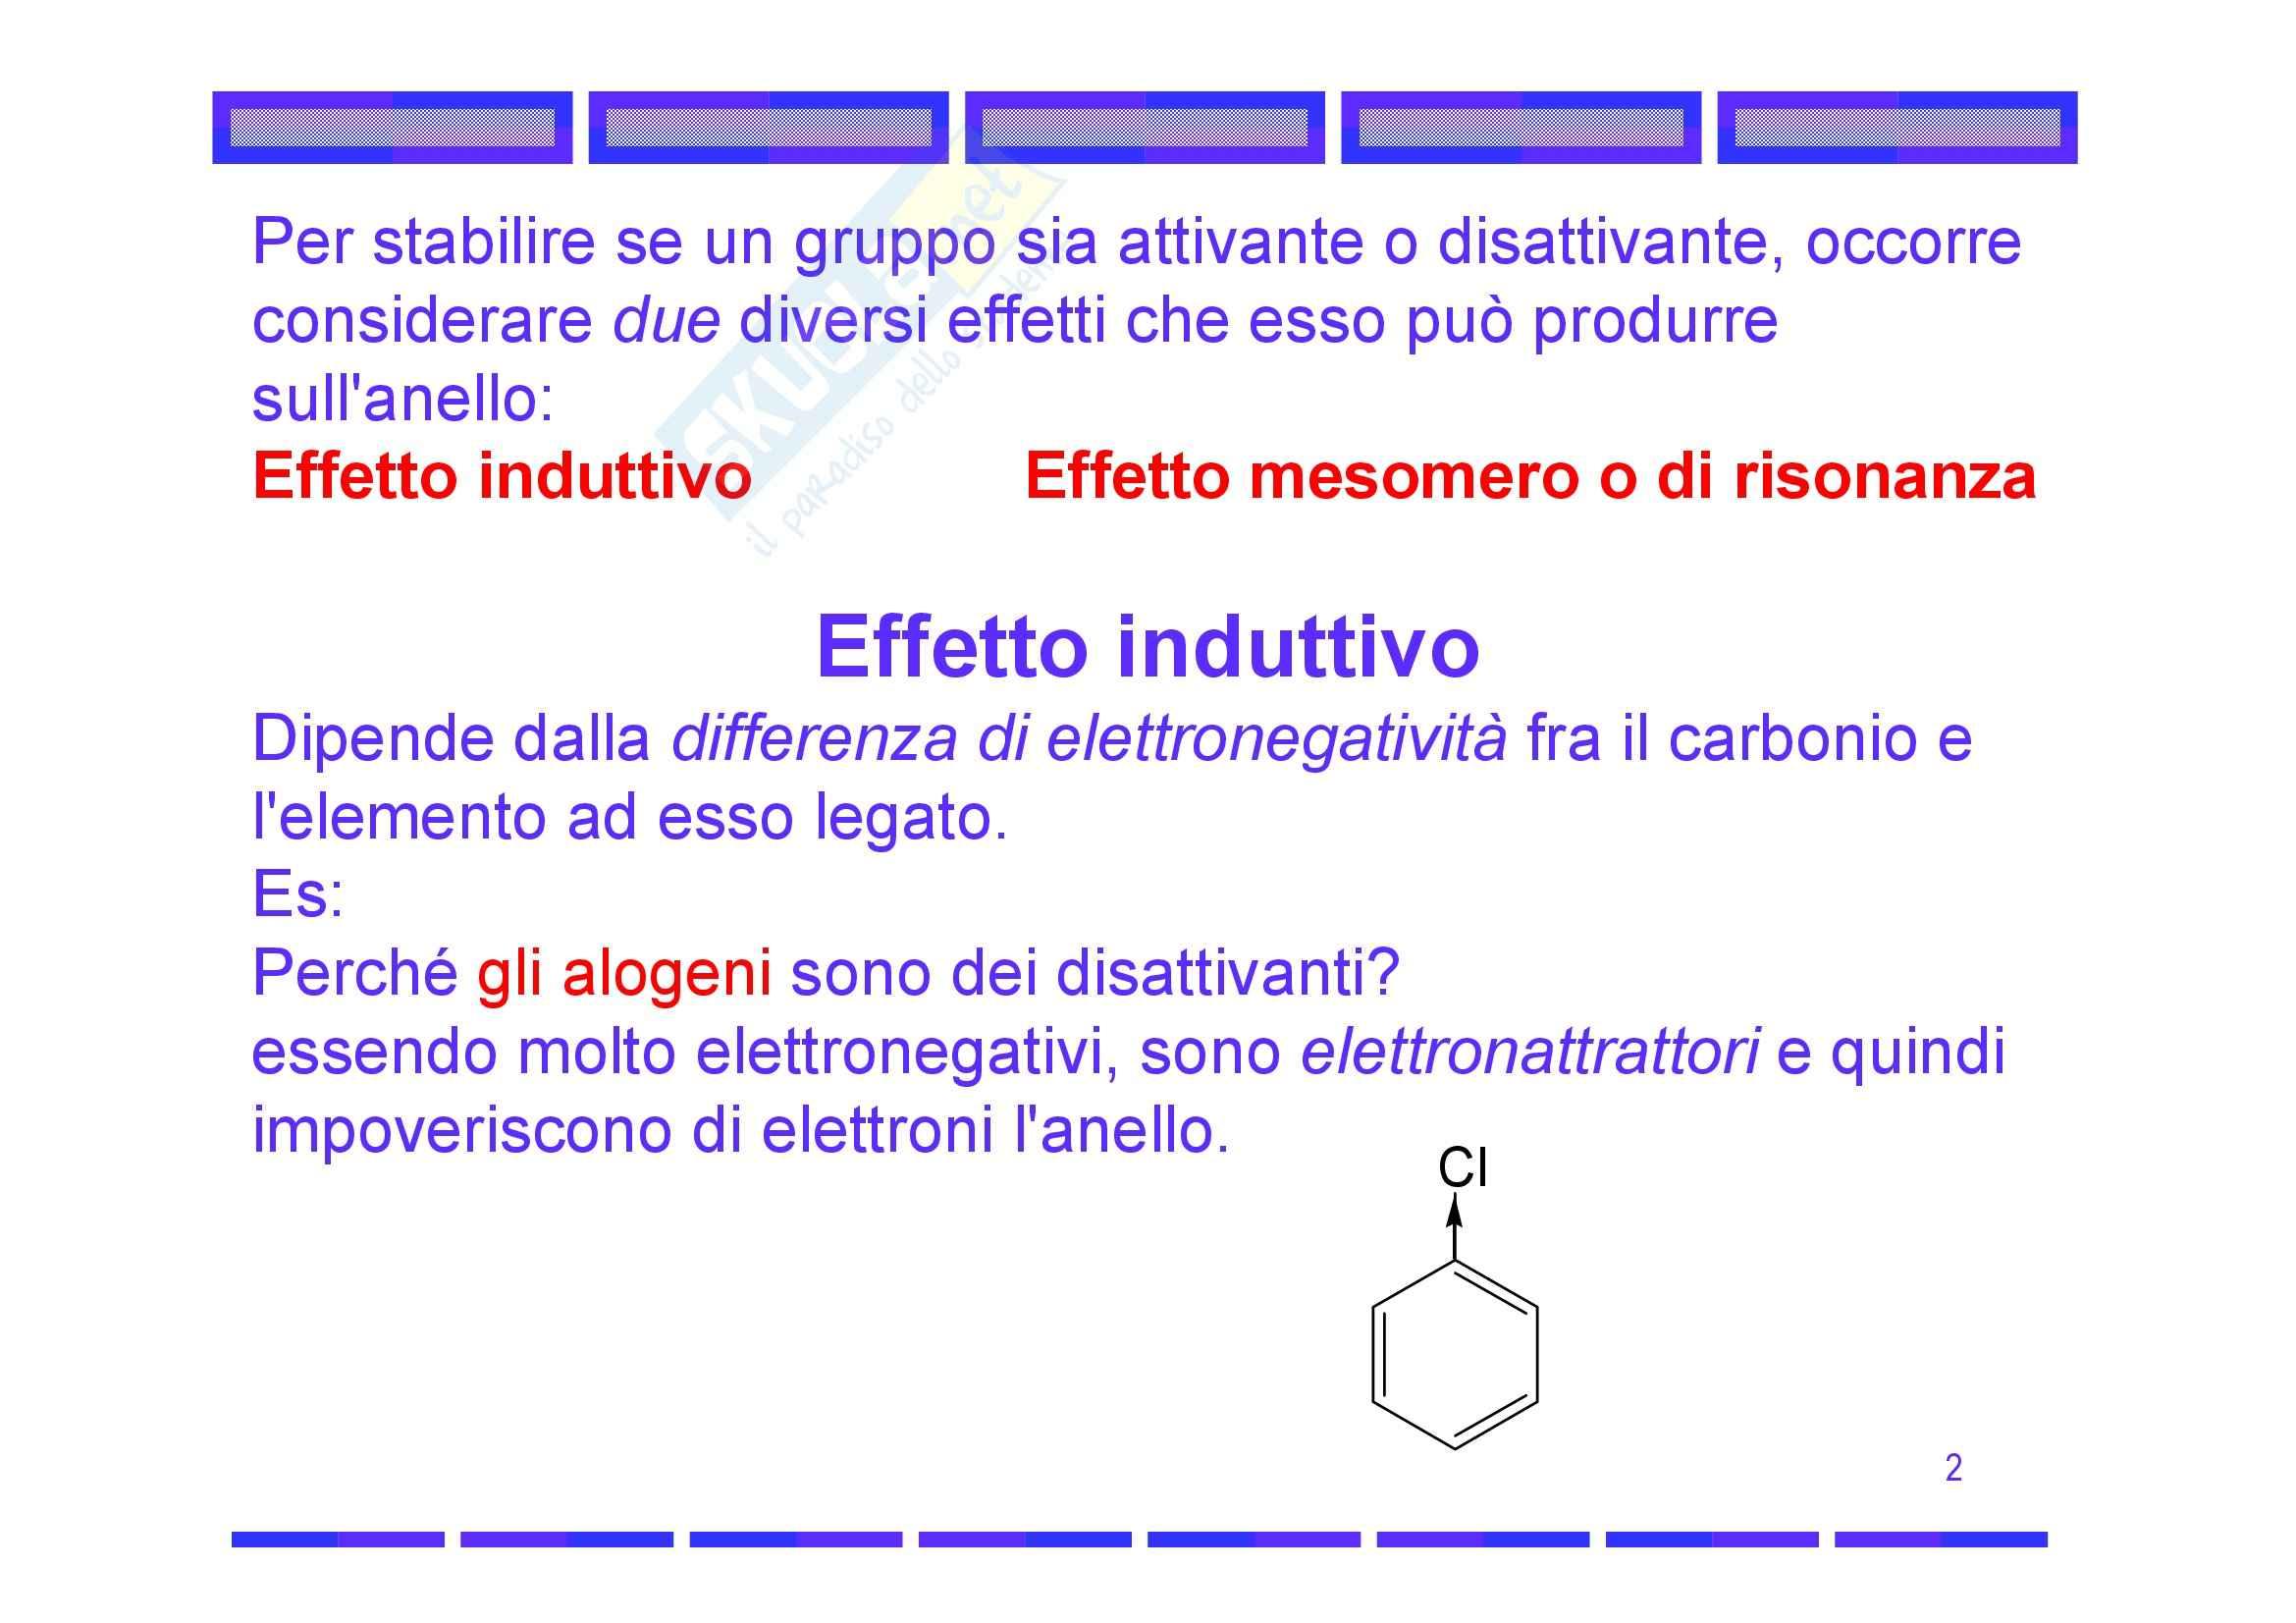 Chimica organica - effetto induttivo e mesomero Pag. 2